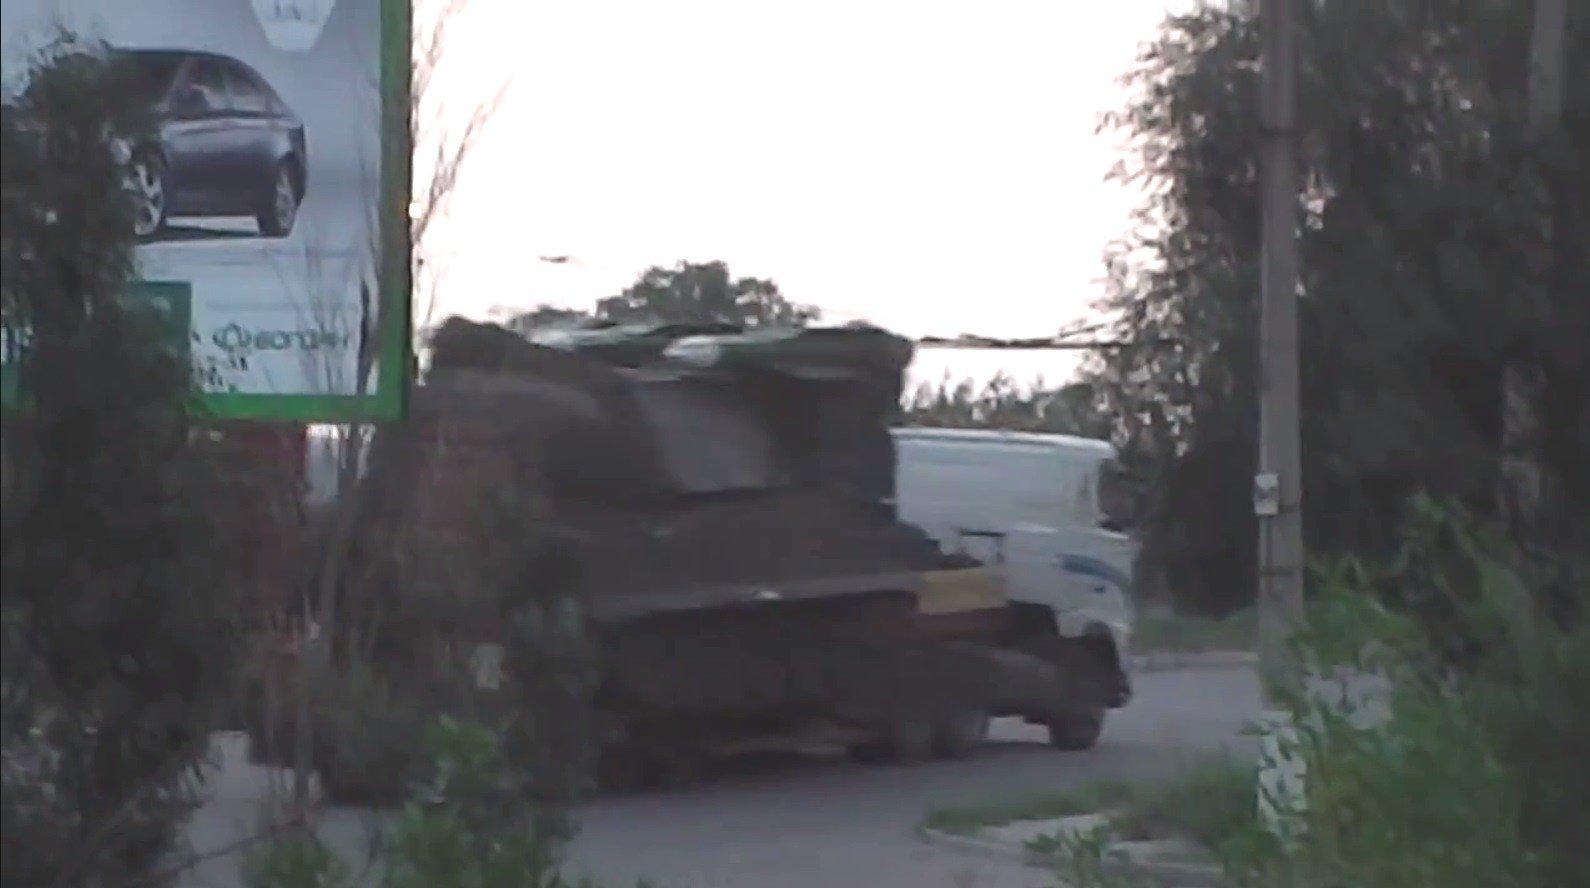 Screenshot from footage filmed in Luhansk, Ukraine, July 17, 2014.